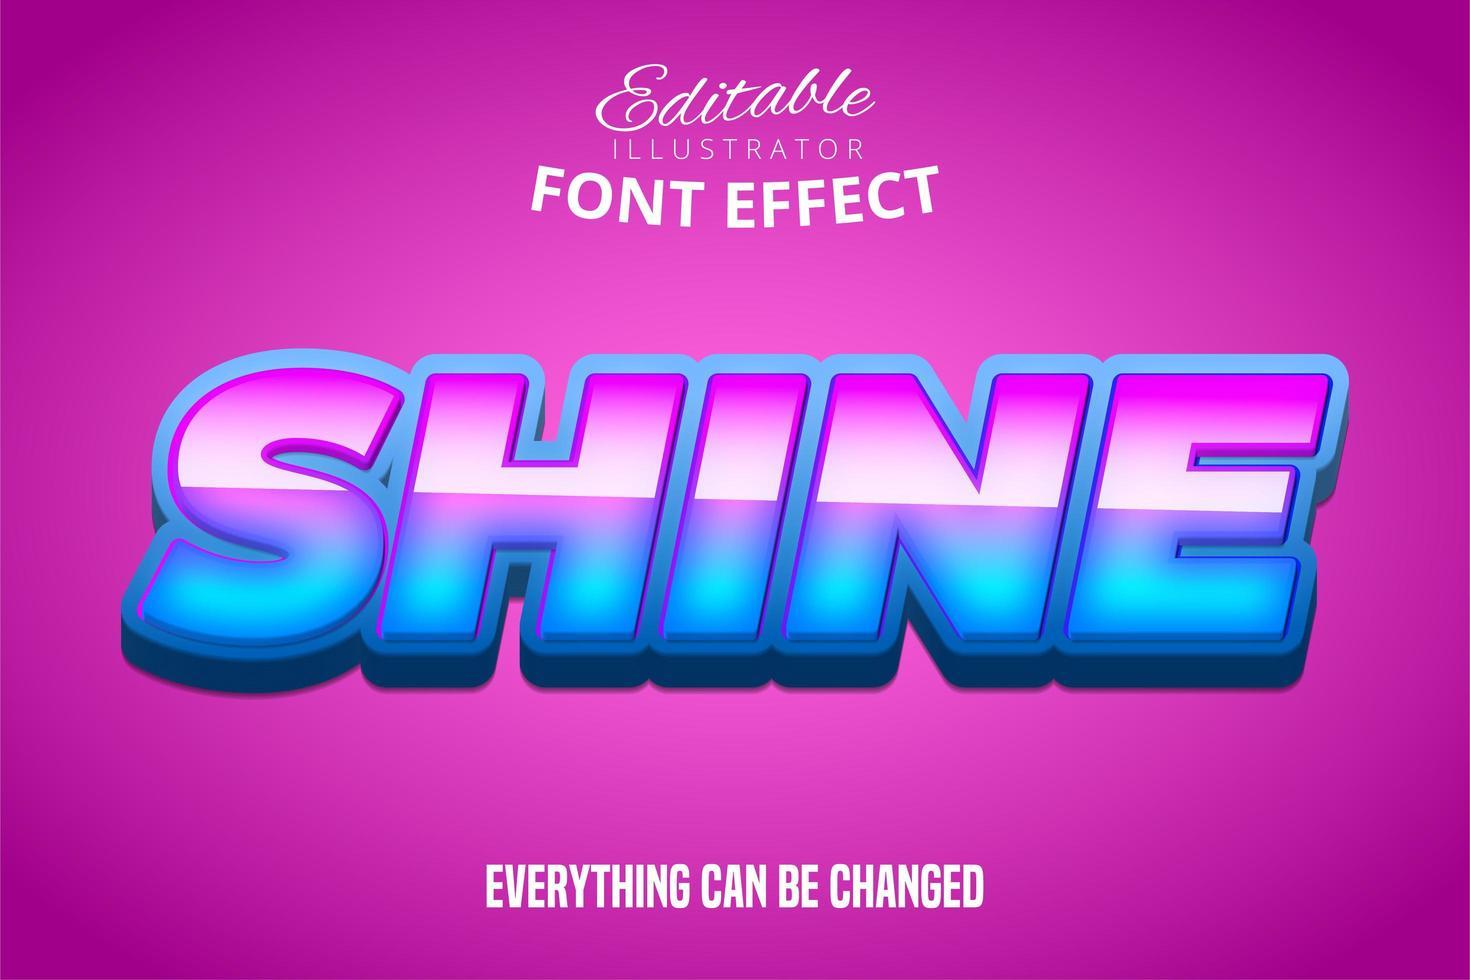 texto brillante, efecto de fuente editable vector